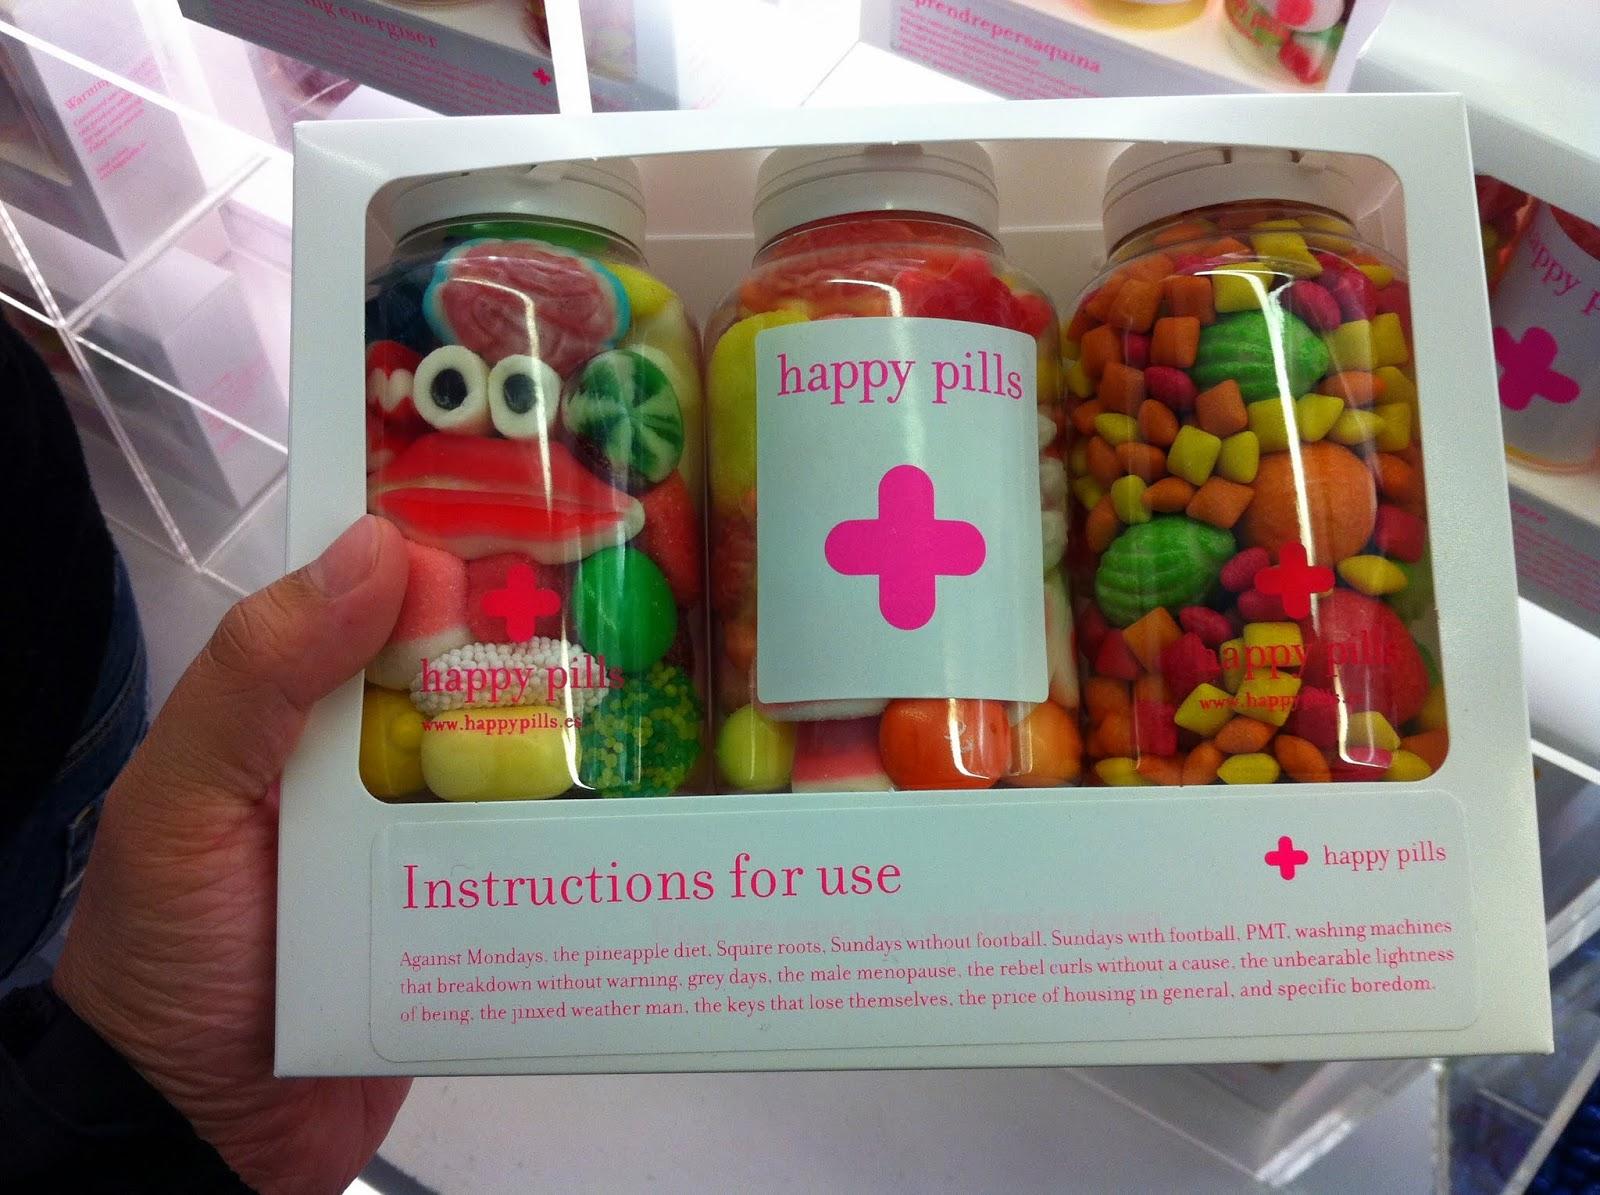 O Panda Pill panda bytes: Happy Pil...